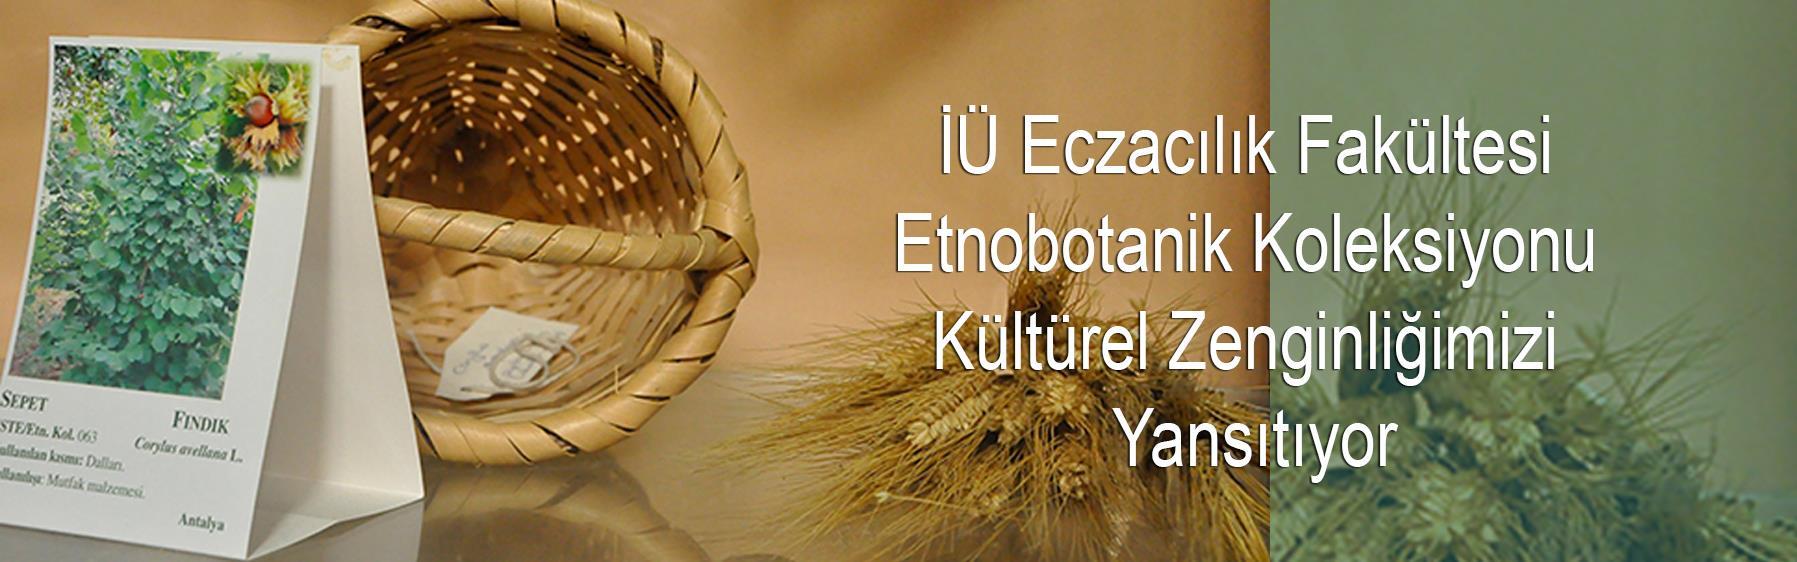 İÜ-Eczacılık-Fakültesi-Etnobotanik--Koleksiyonu--Kültürel-Zenginliğimizi--Yansıtıyor